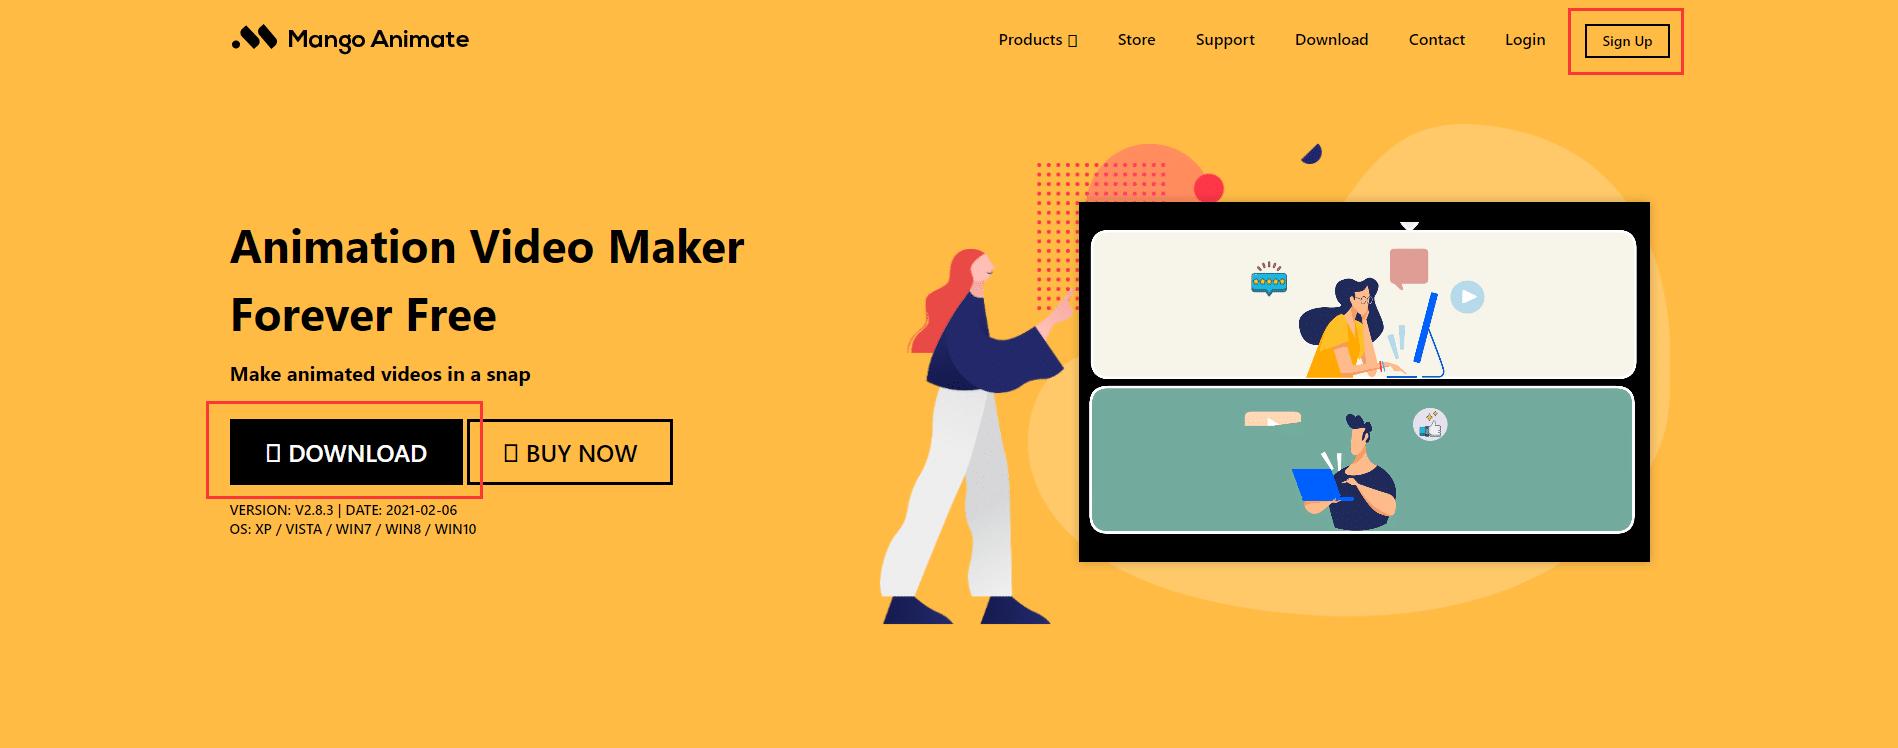 Mango Animation Maker Web Page